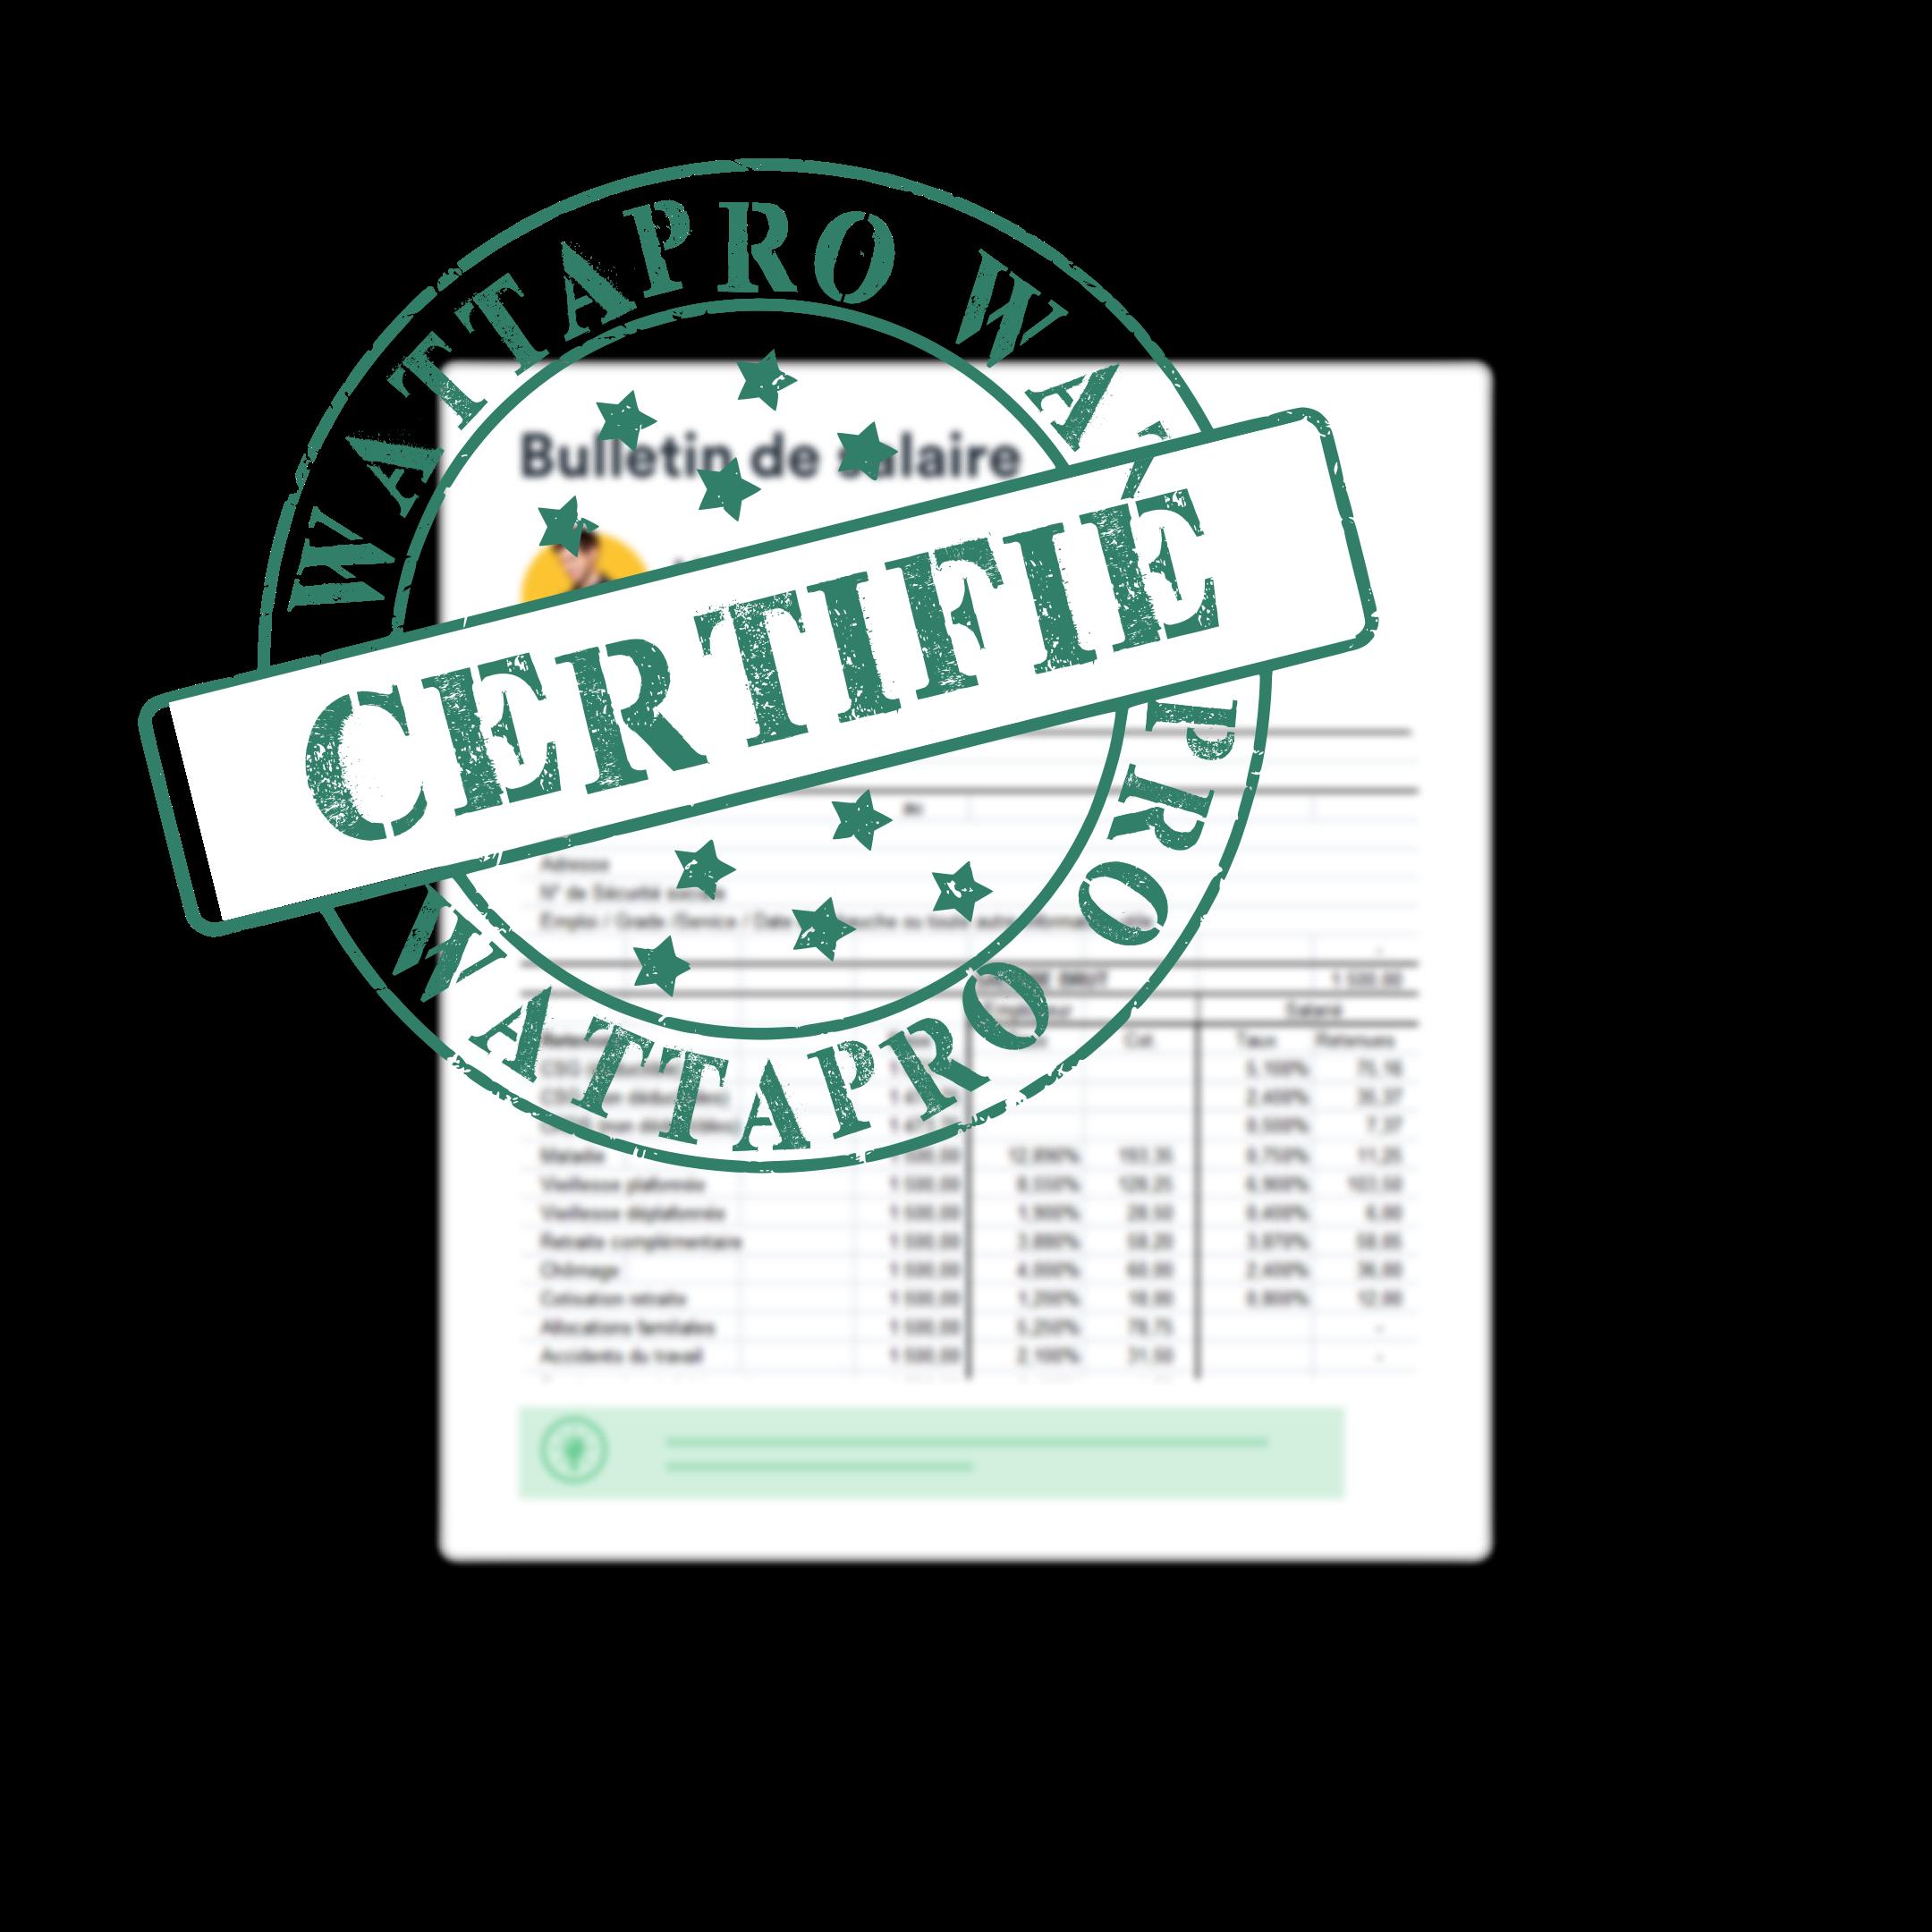 certifier-dossier-wattapro